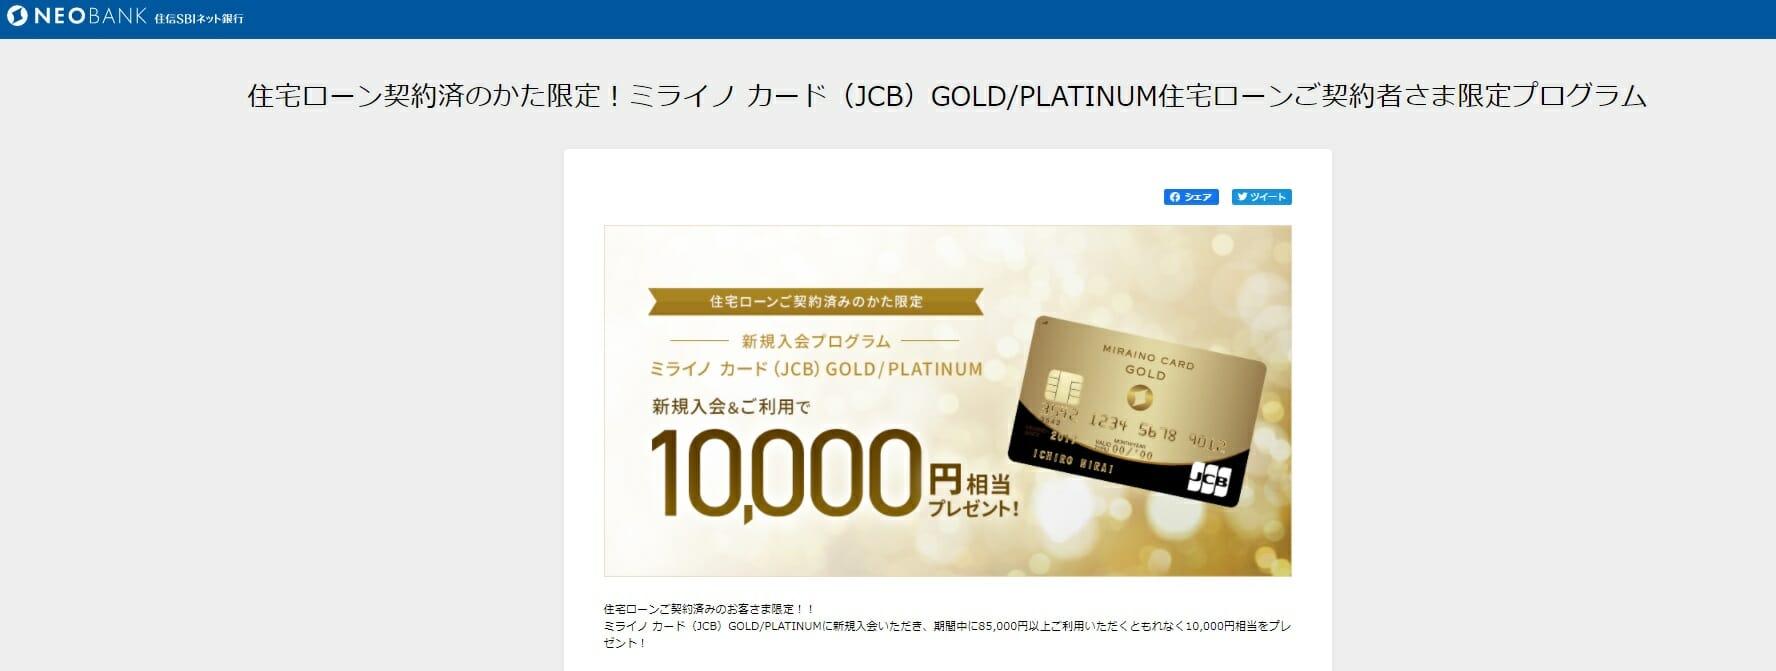 住信SBIネット銀行の住宅ローンキャンペーン、ミライノ カードで1万円相当プレゼント